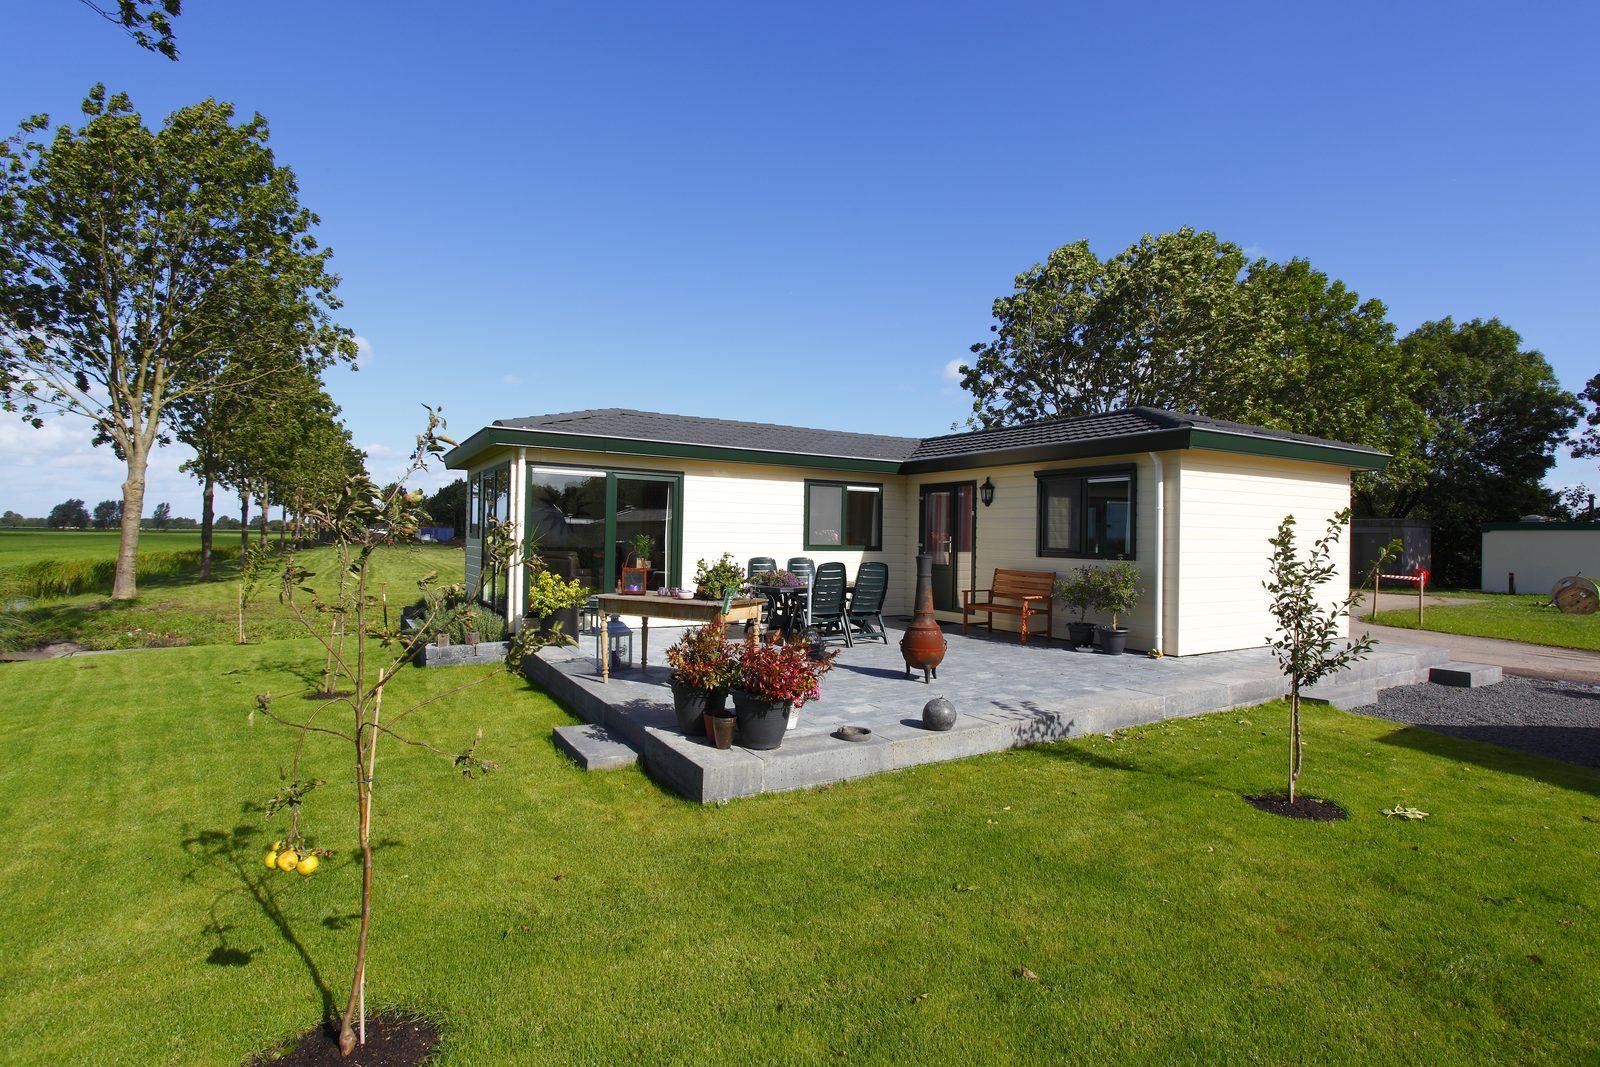 Ferienhaus in Maarssen kaufen